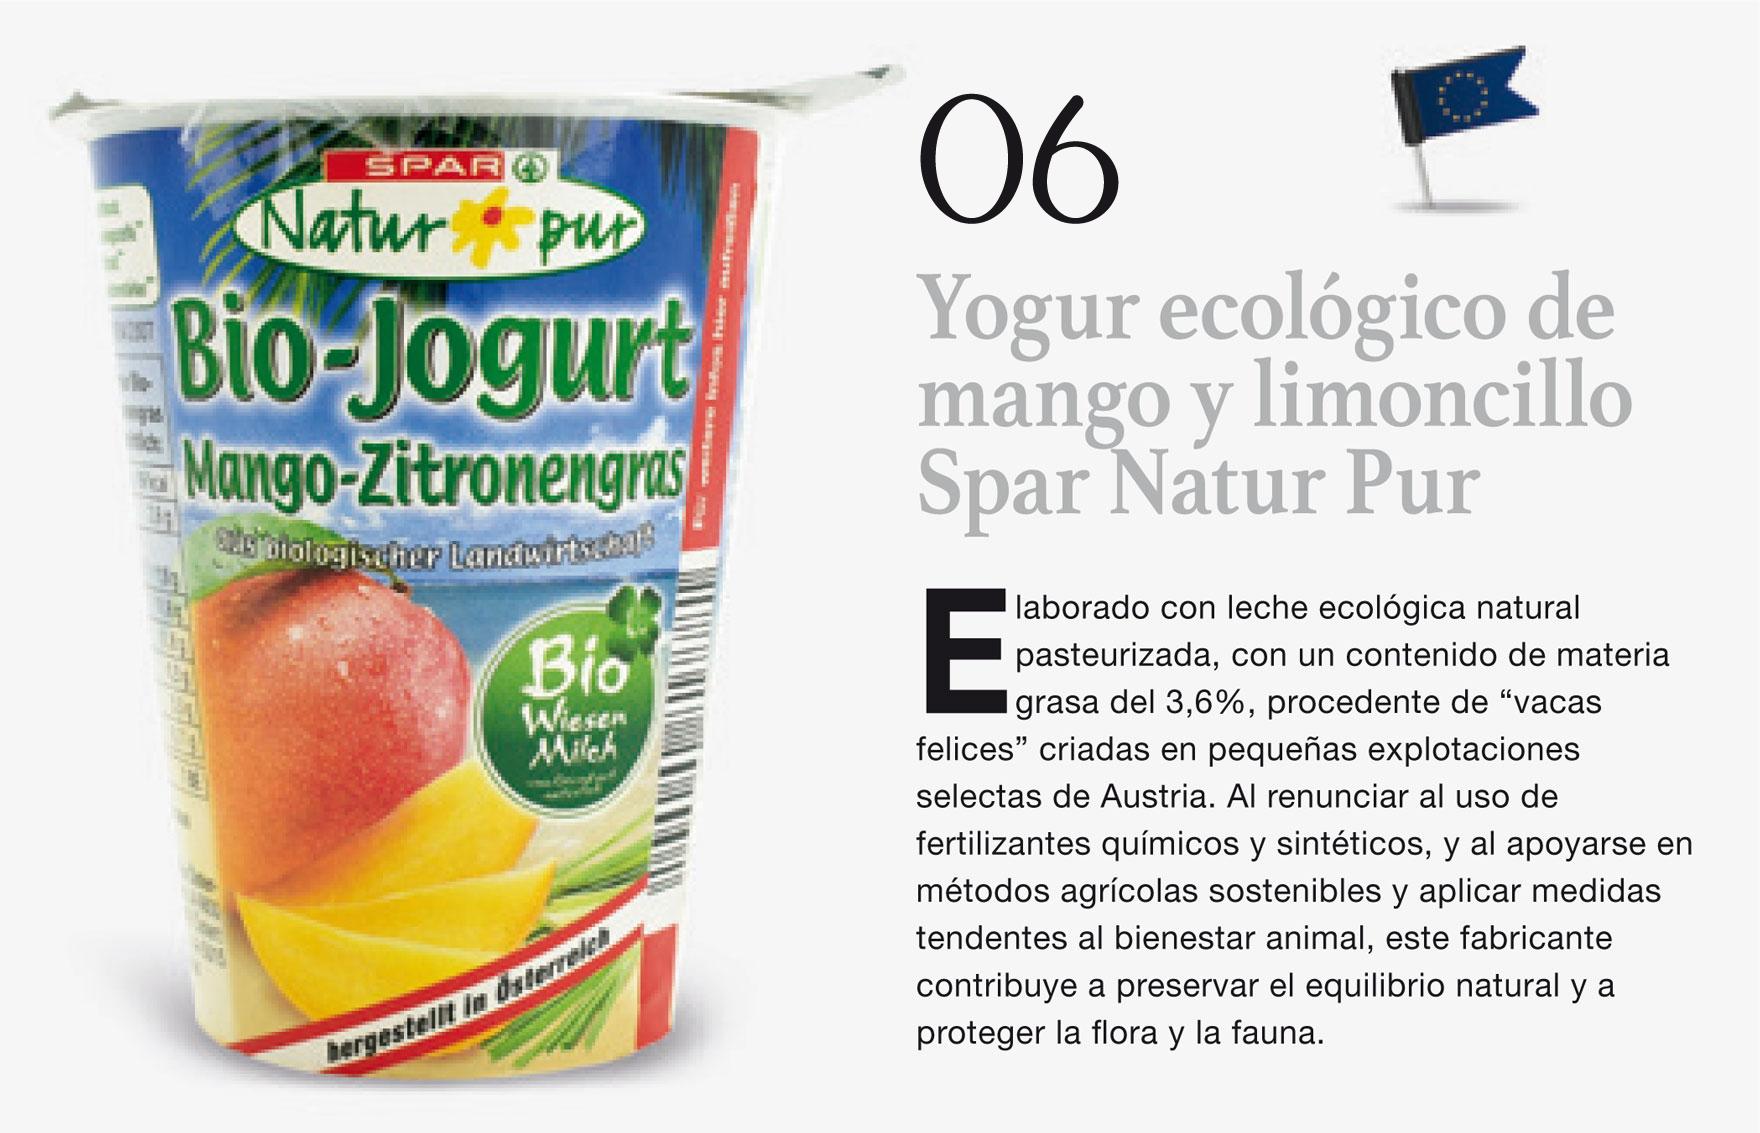 Yogur ecológico de mango y limoncillo Spar Natur Pur